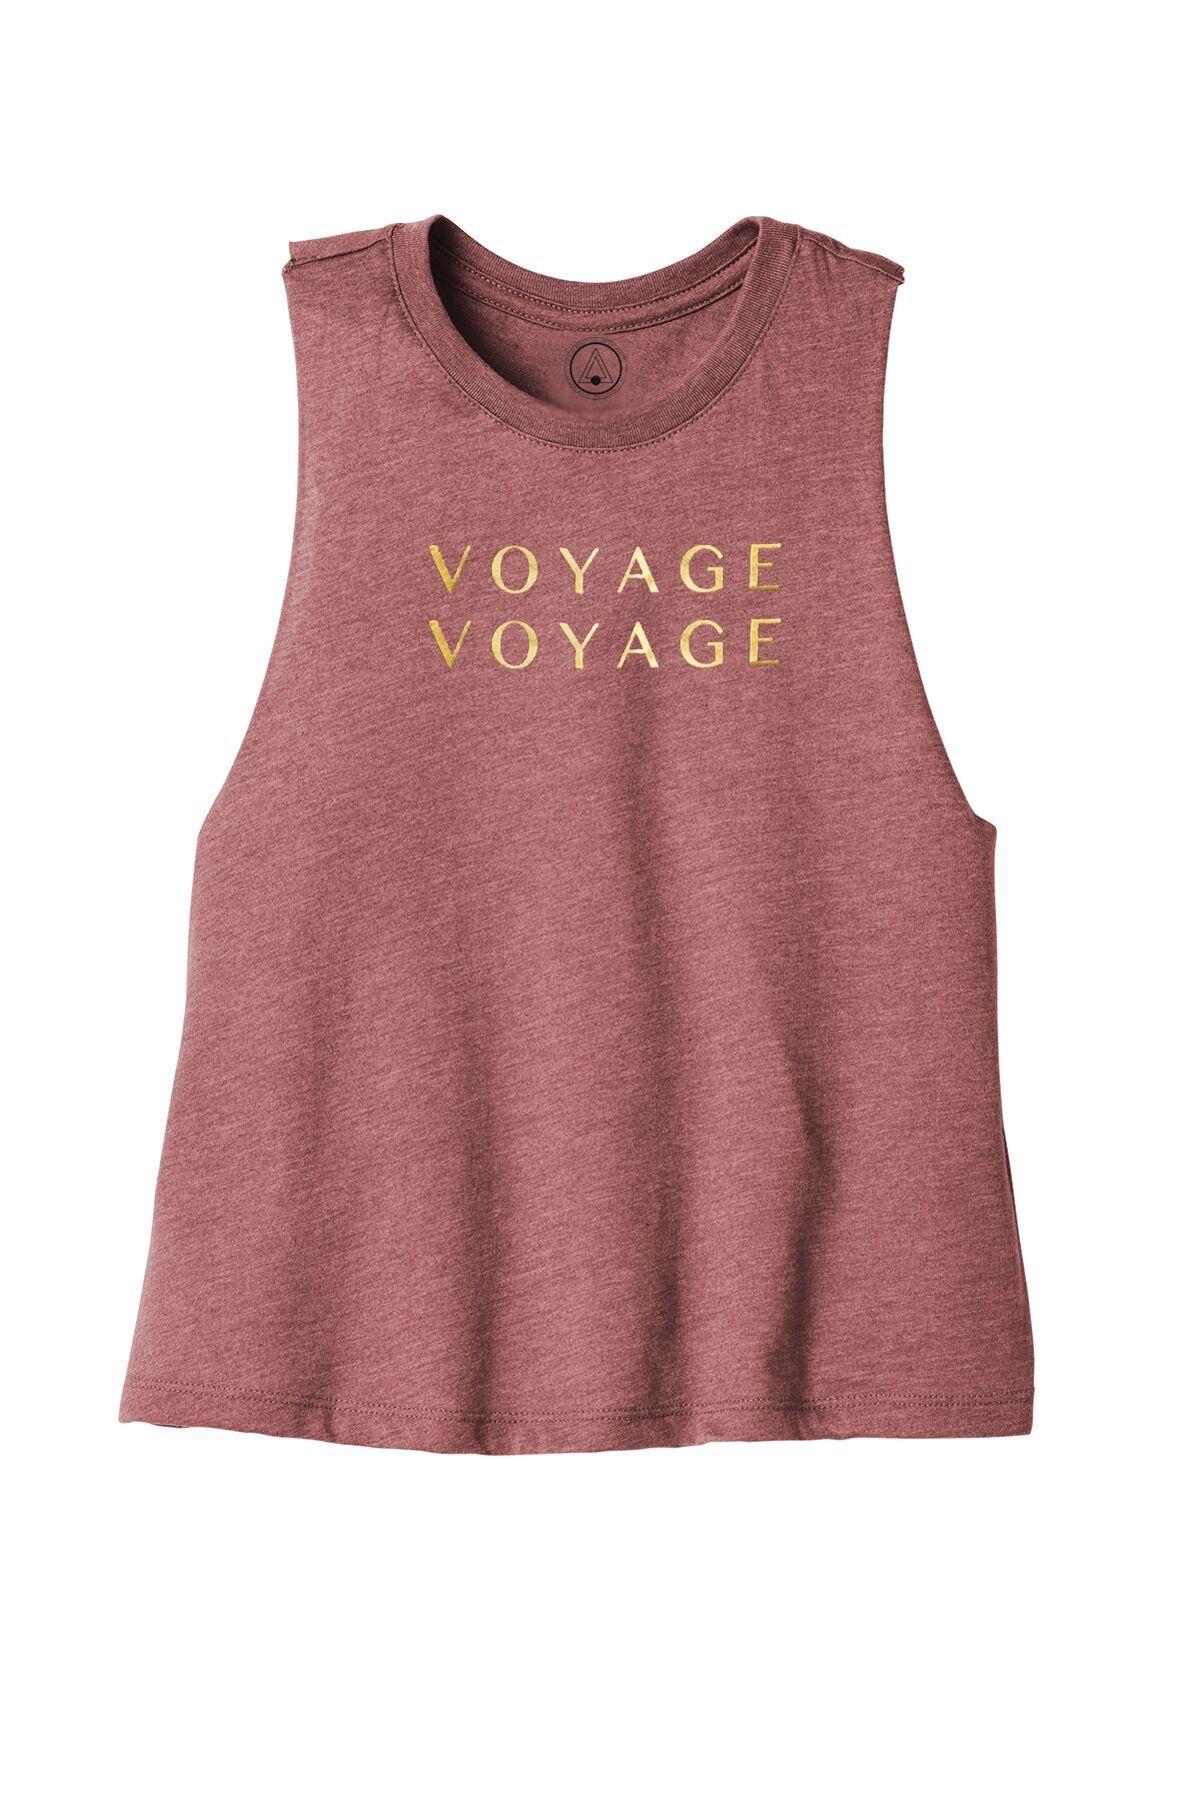 T-shirt bohème voyage voyage prune à sérigraphie or